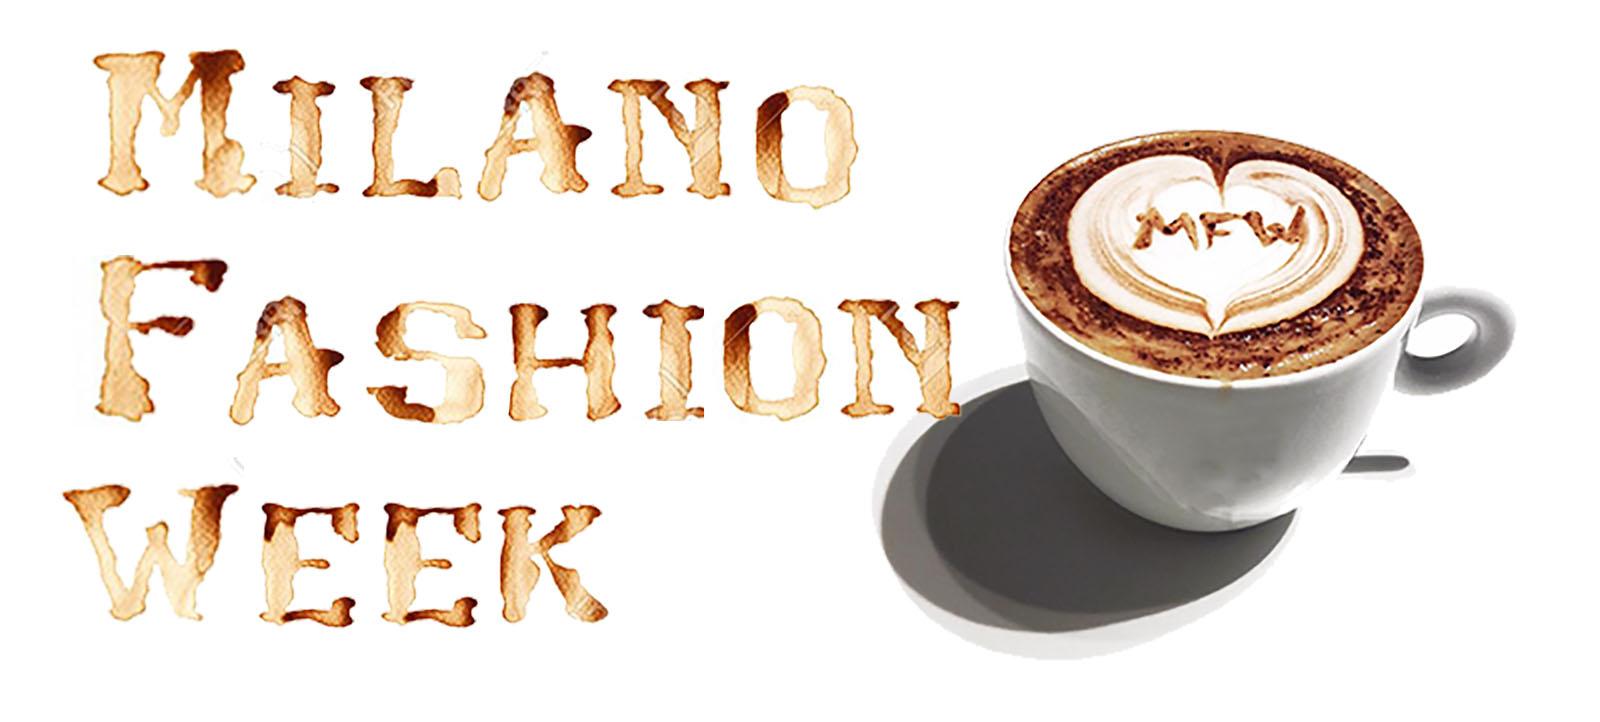 Later on Milan Fashion Week – FASHIONZINER BLOG